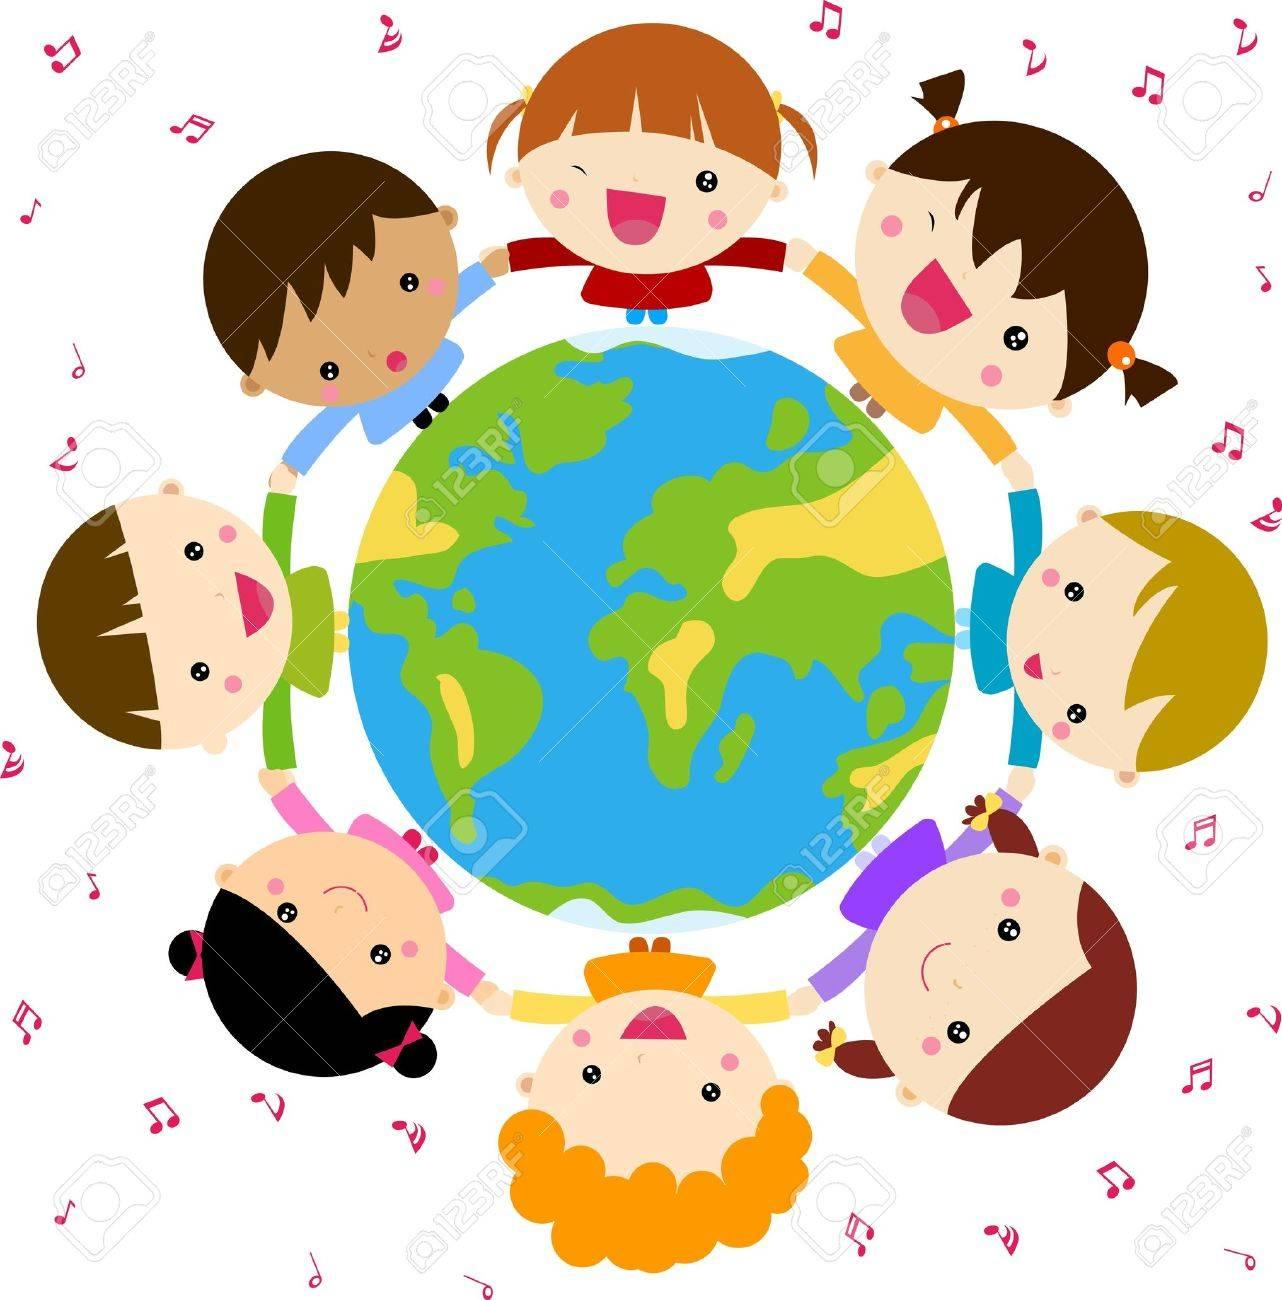 Afbeeldingsresultaat voor wereldbol kinderen